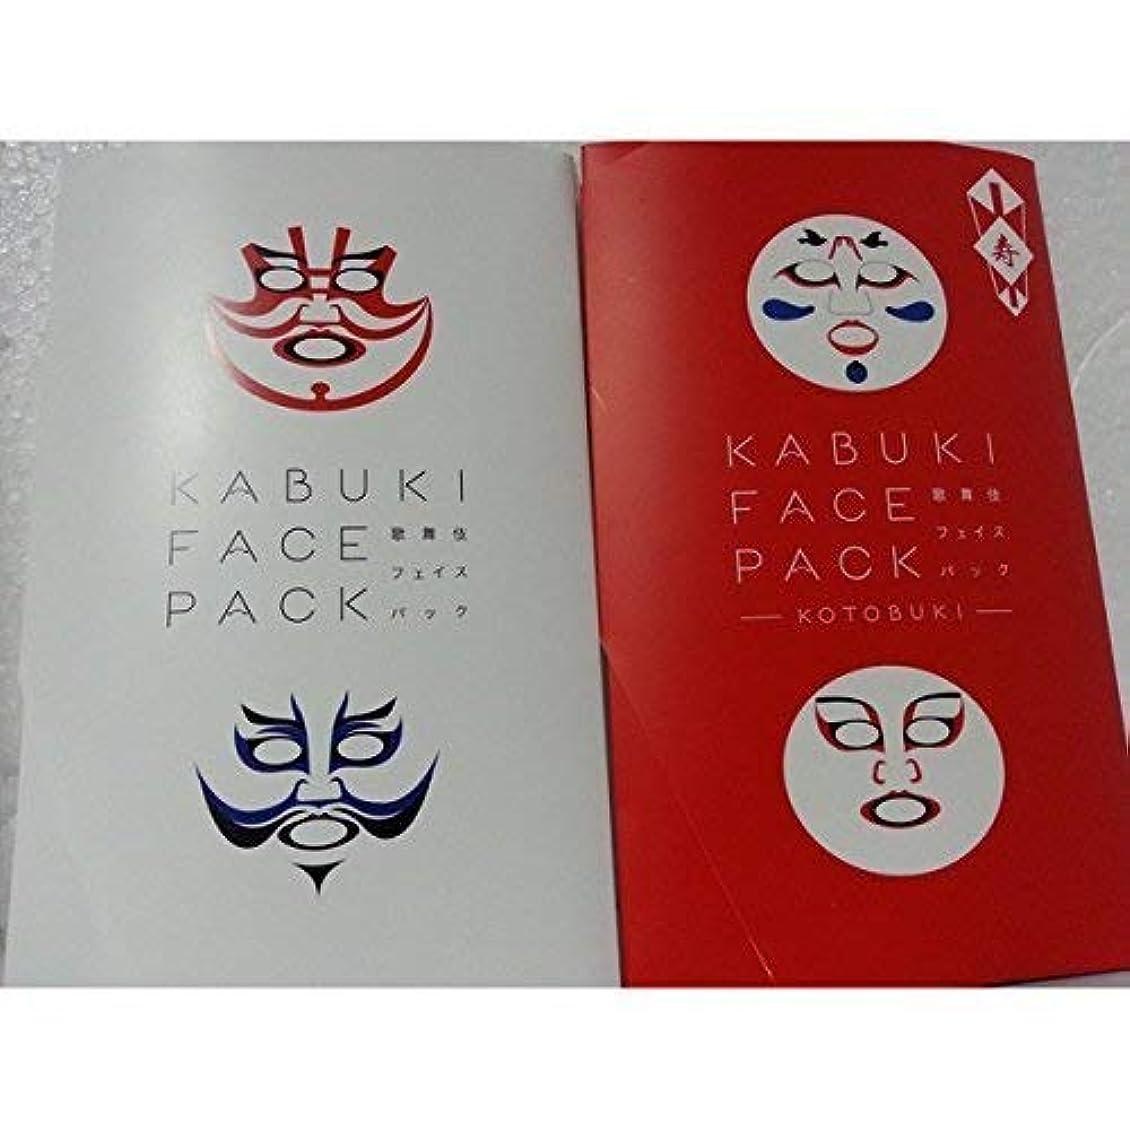 架空のおじいちゃん男性歌舞伎フェイスパック&歌舞伎フェイスパック寿 KABUKI FACE PACK&KABUKI FACE PACK KOTOBUKI